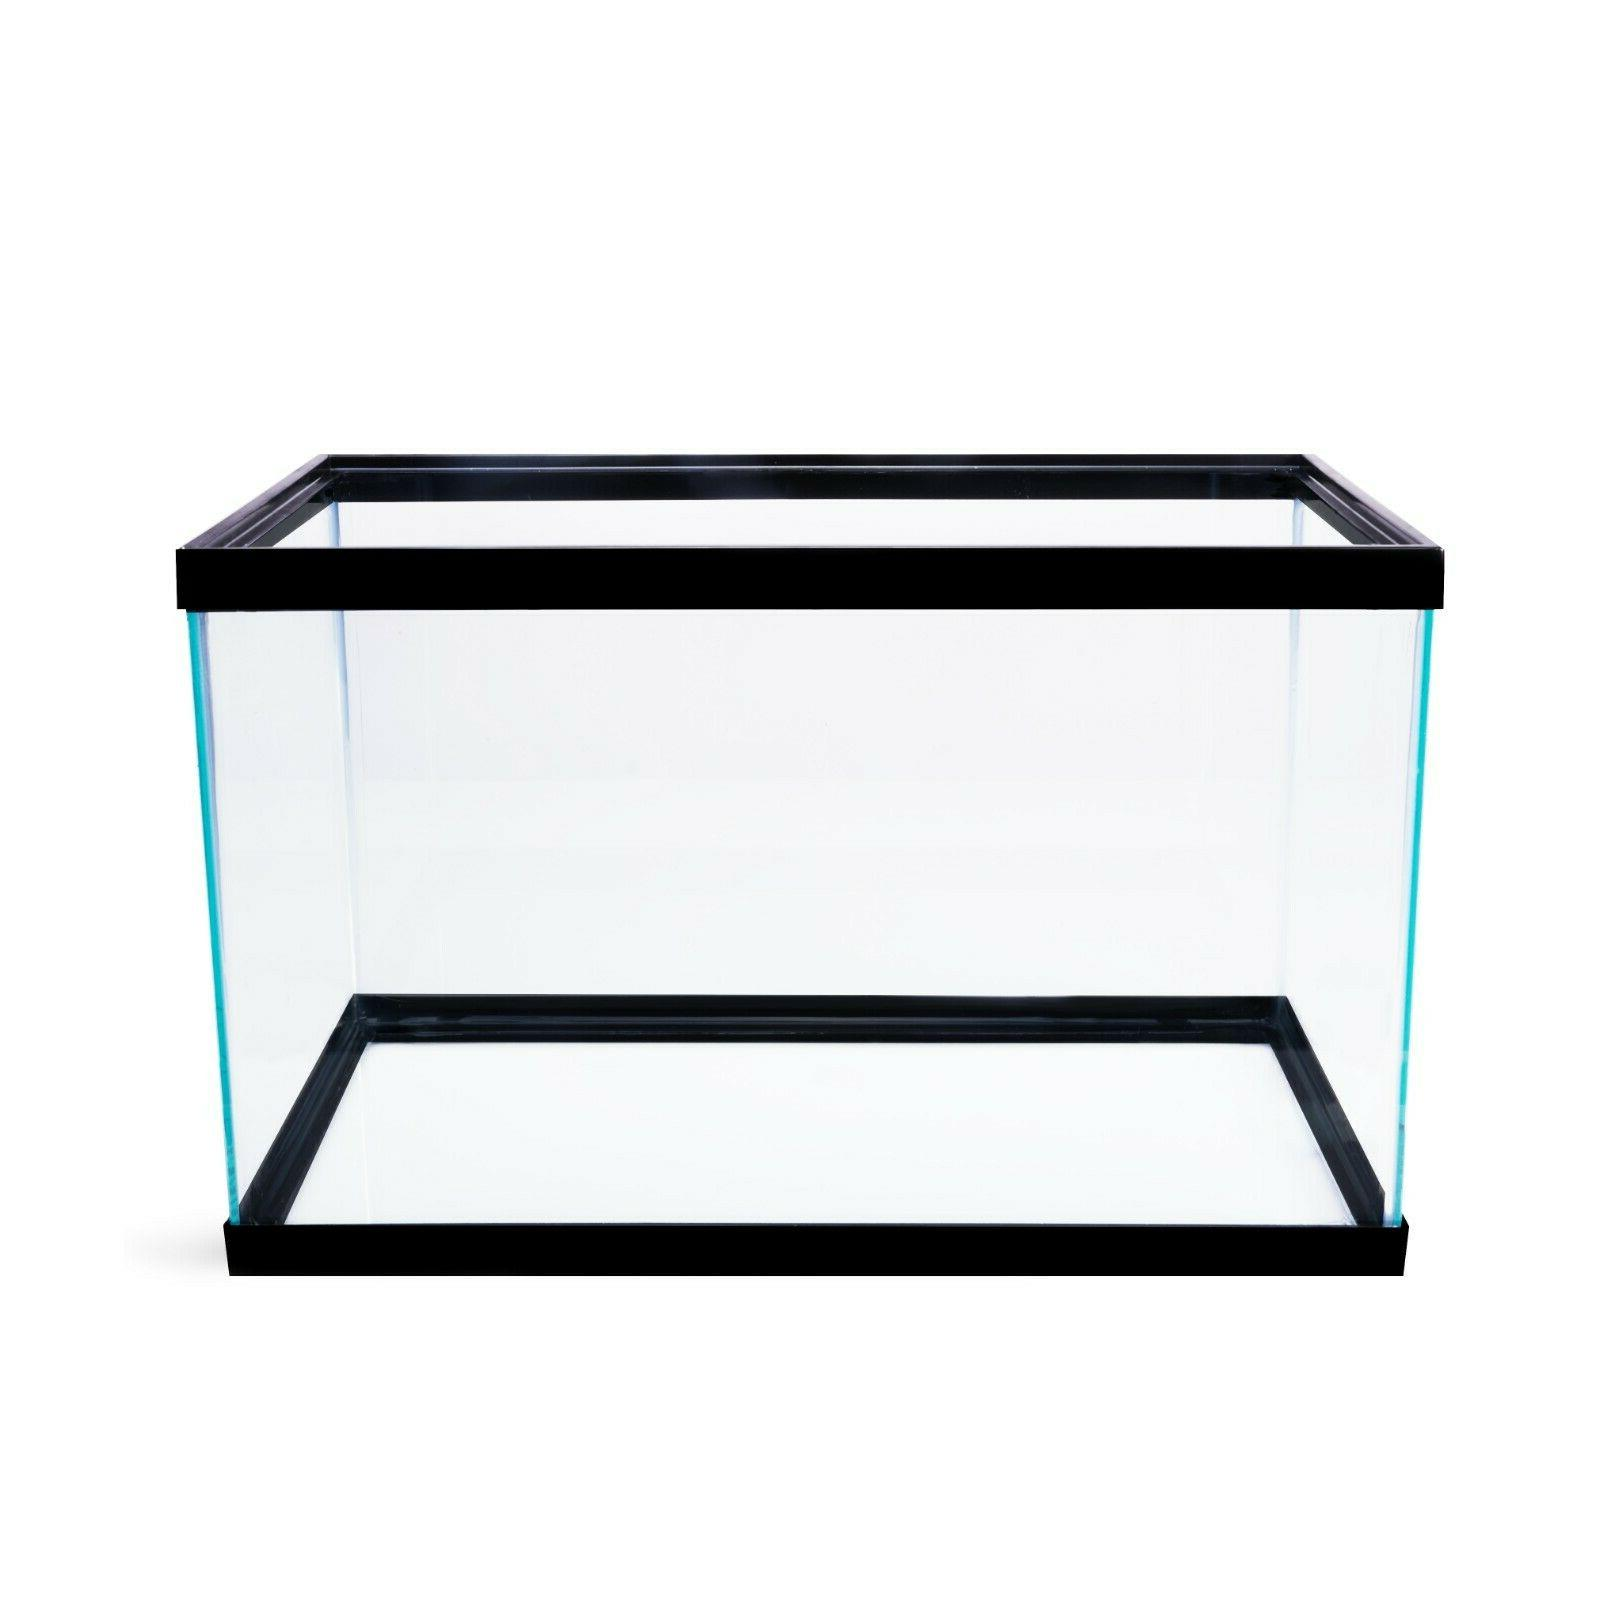 10 Gallon Aquarium Terrarium Pet Reptiles Fishes Home